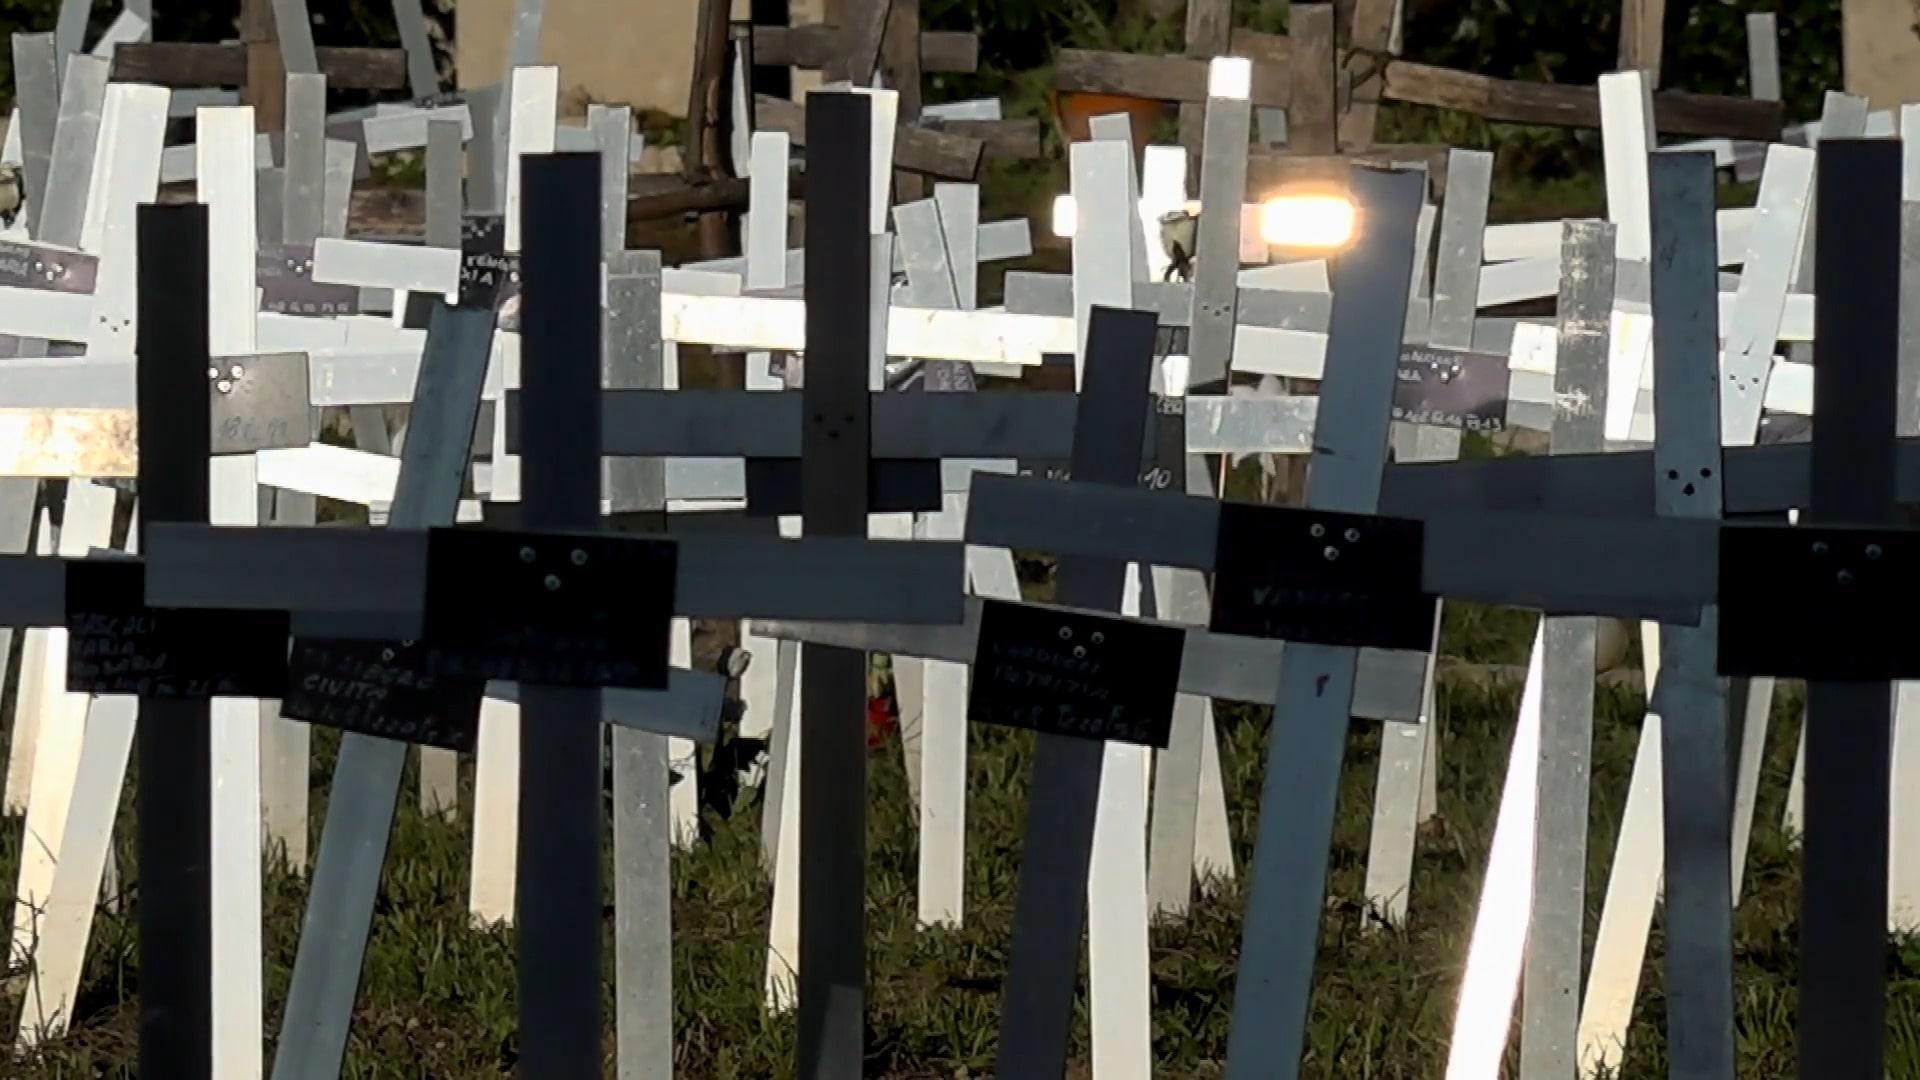 Inician acciones legales en Italia por cementerio de fetos que identifica a mujeres que los abortaron